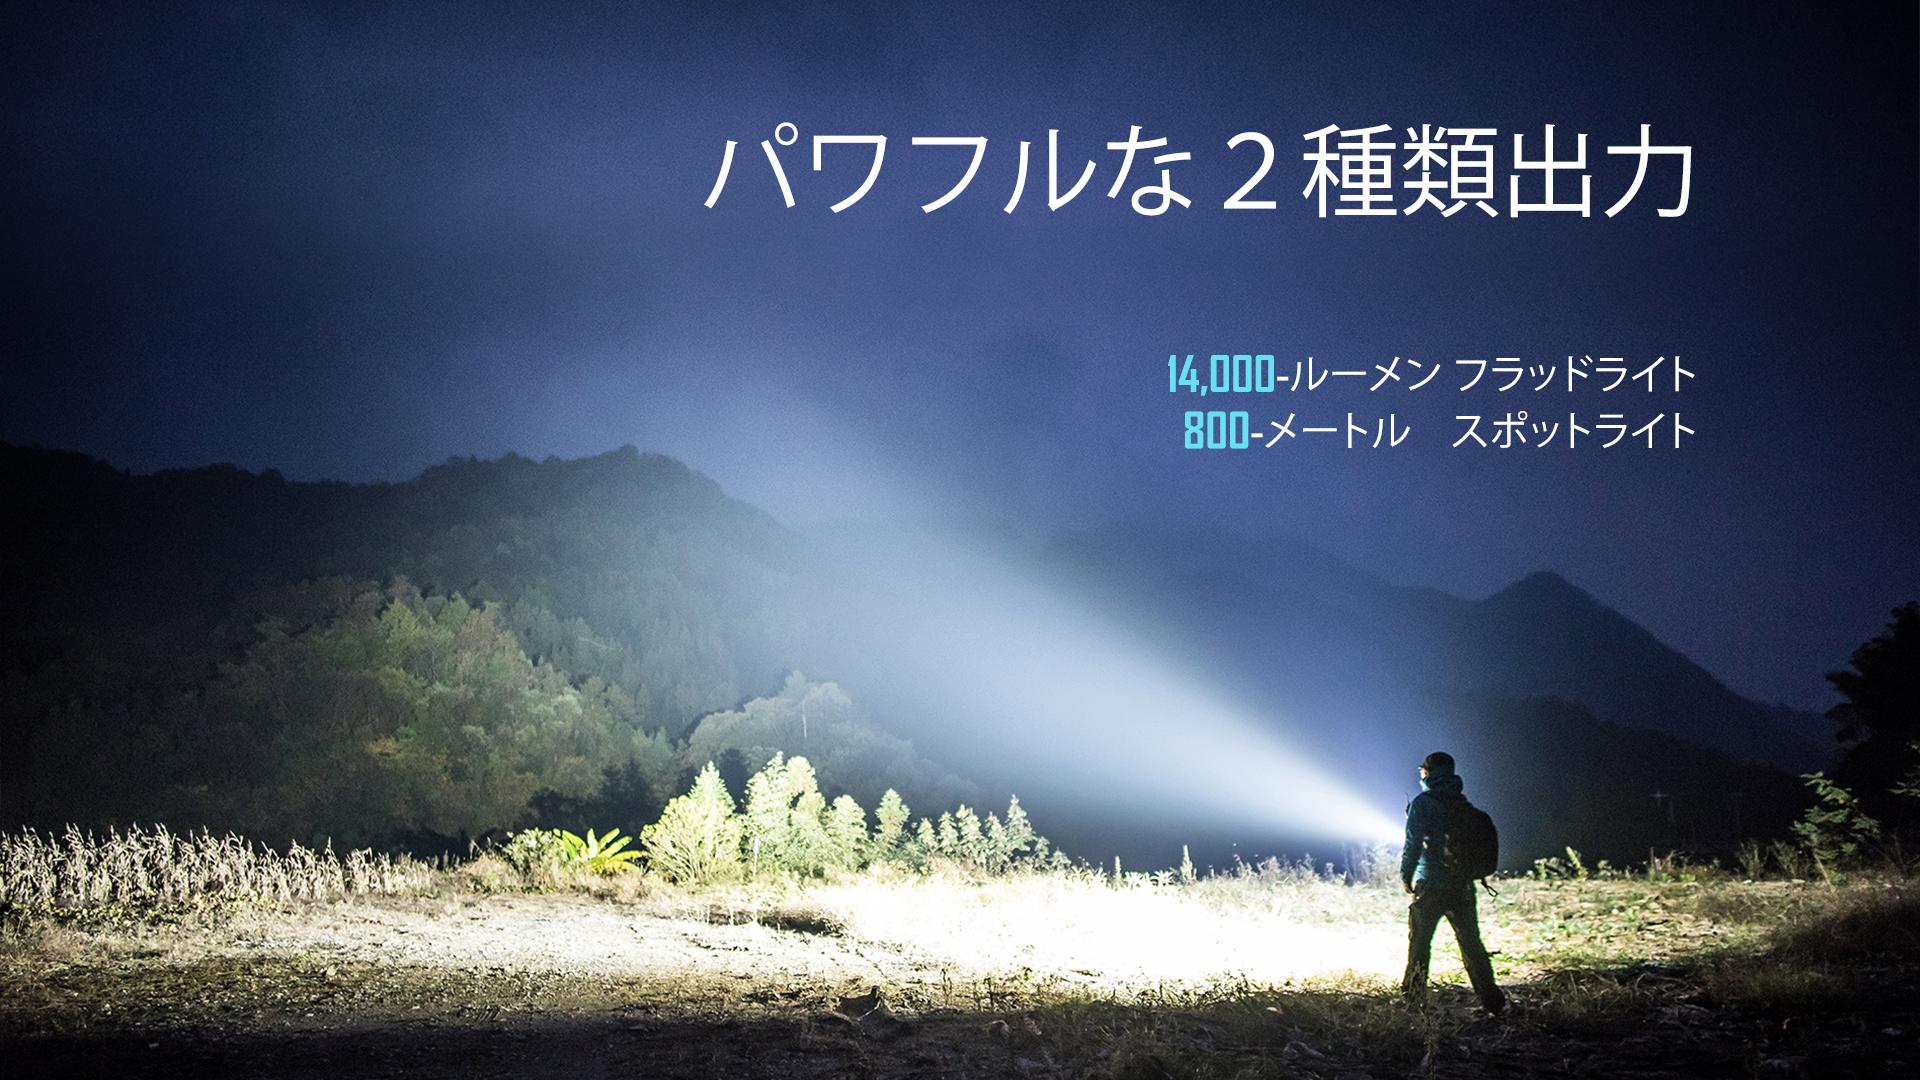 Marauder2には、スポットライトとフラッドライトの2つの光モードがあります。